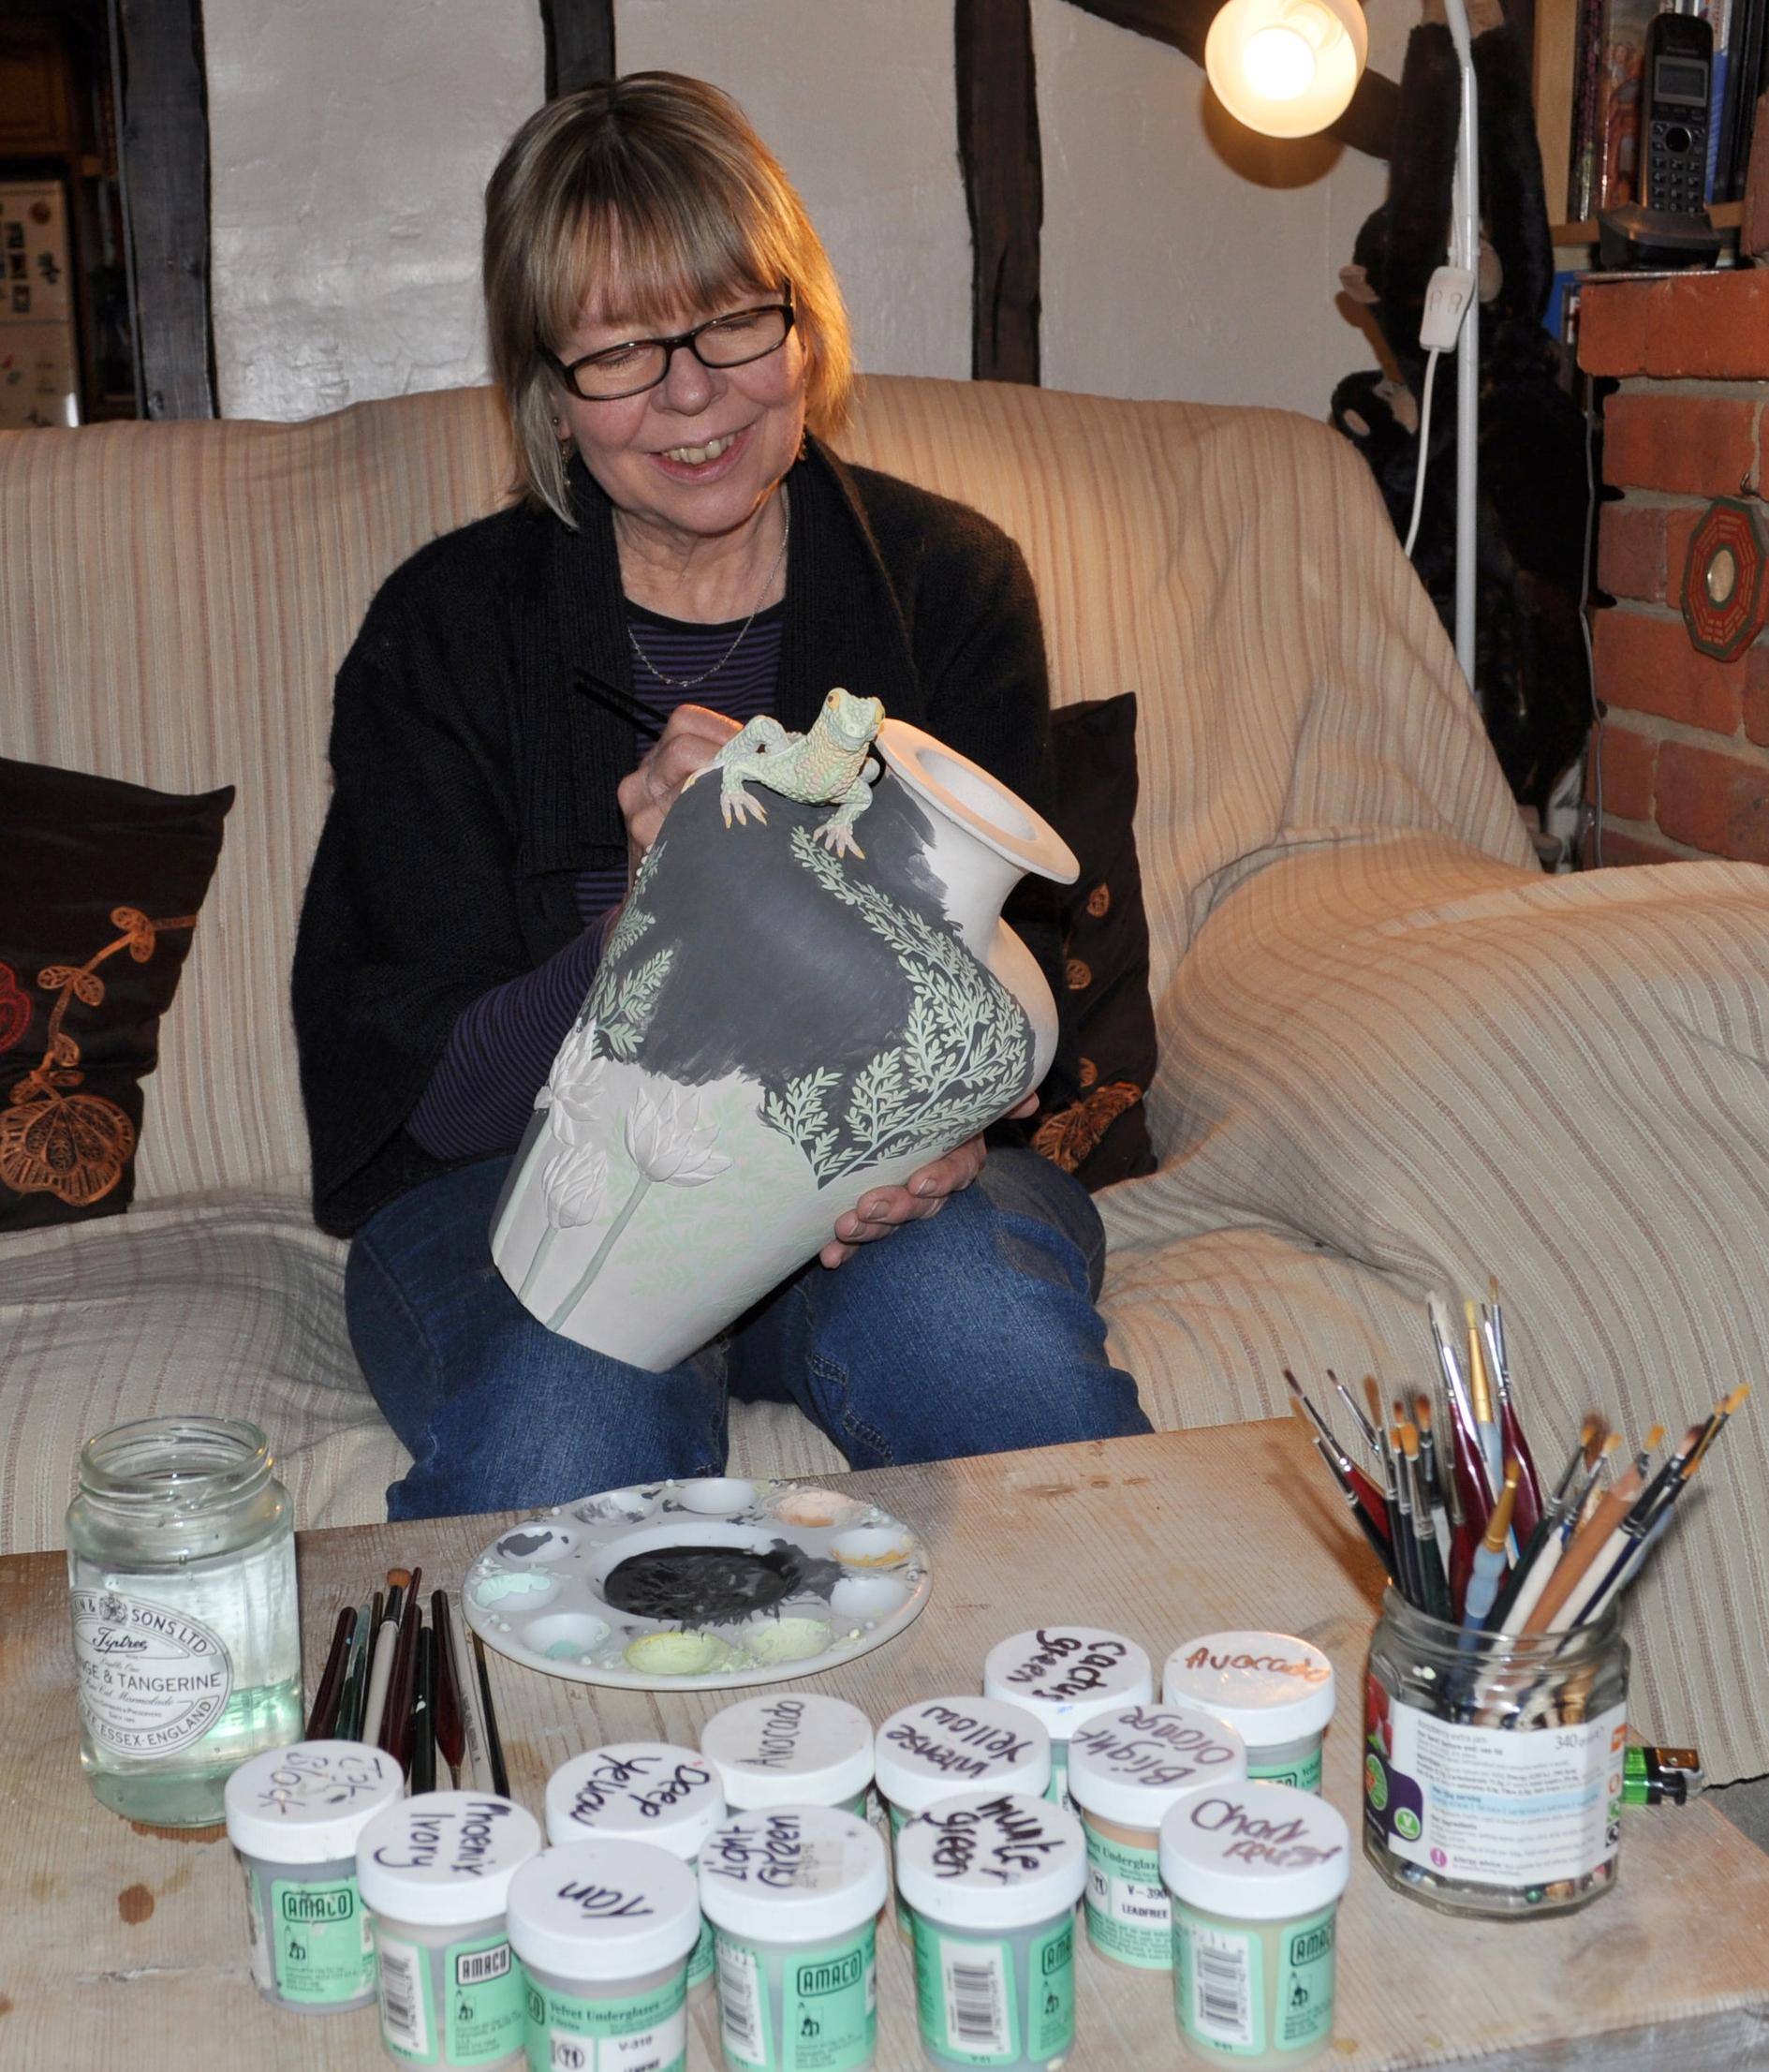 christine norris - website chris norris at work.jpg